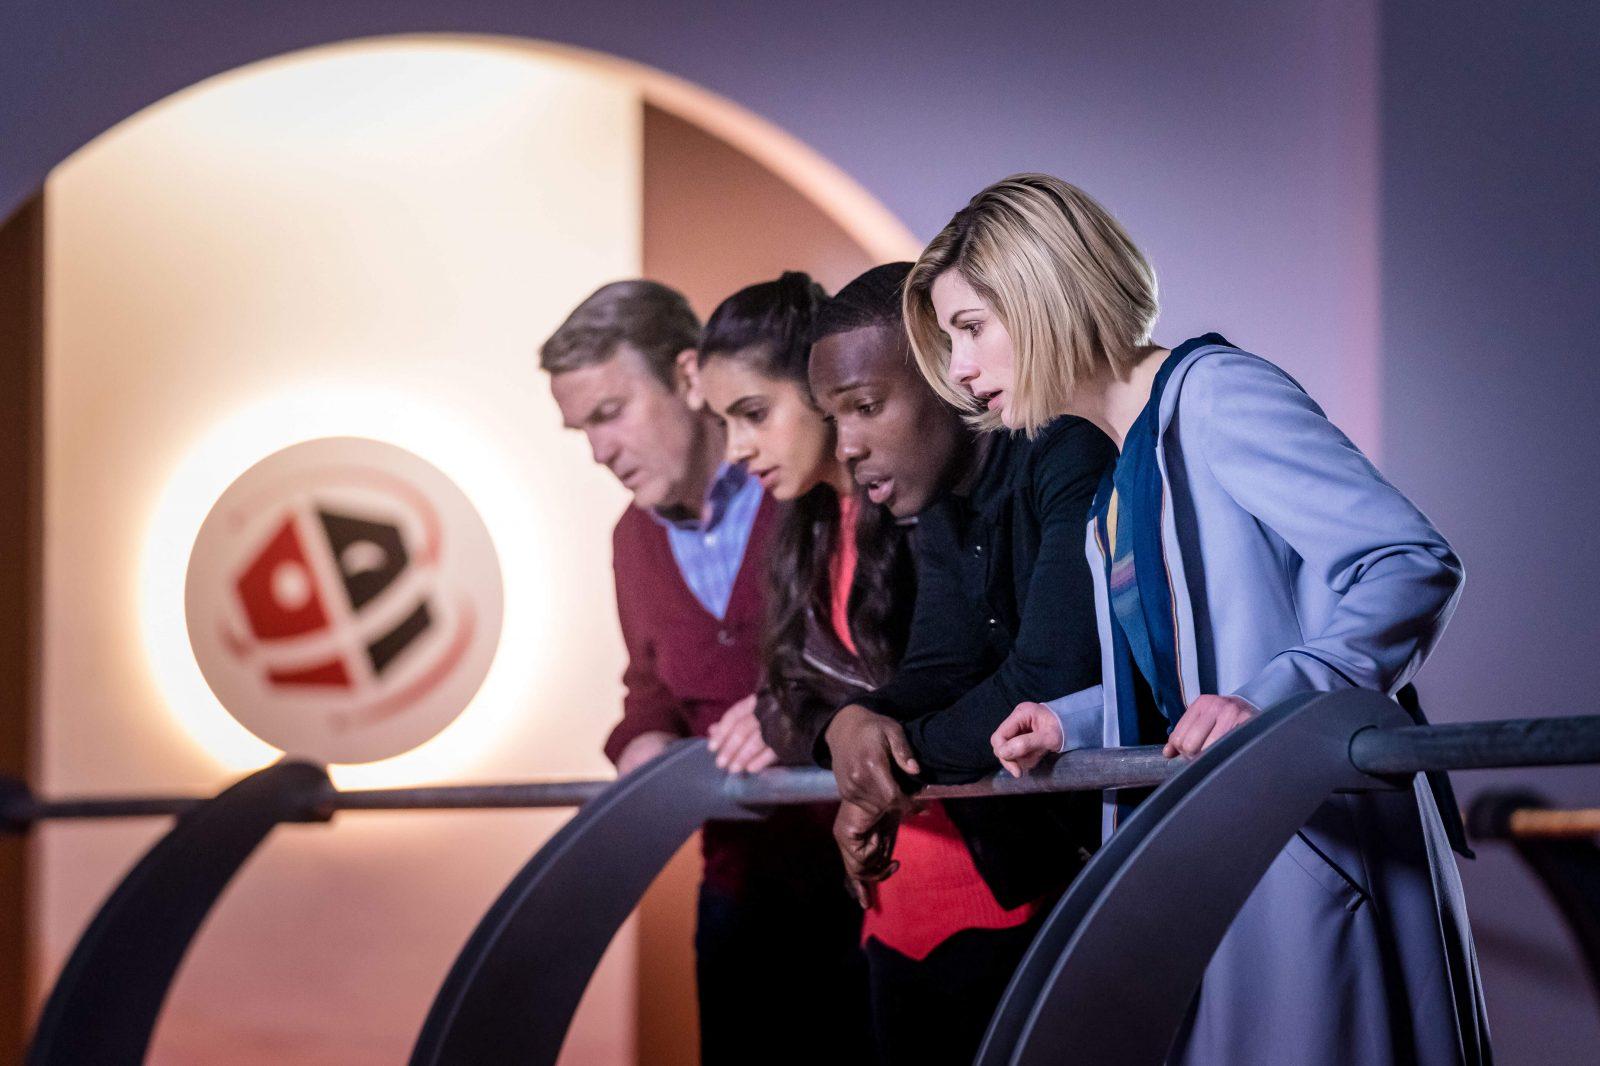 The TARDIS team in Kerblam! Image: BBC/BBC Studios